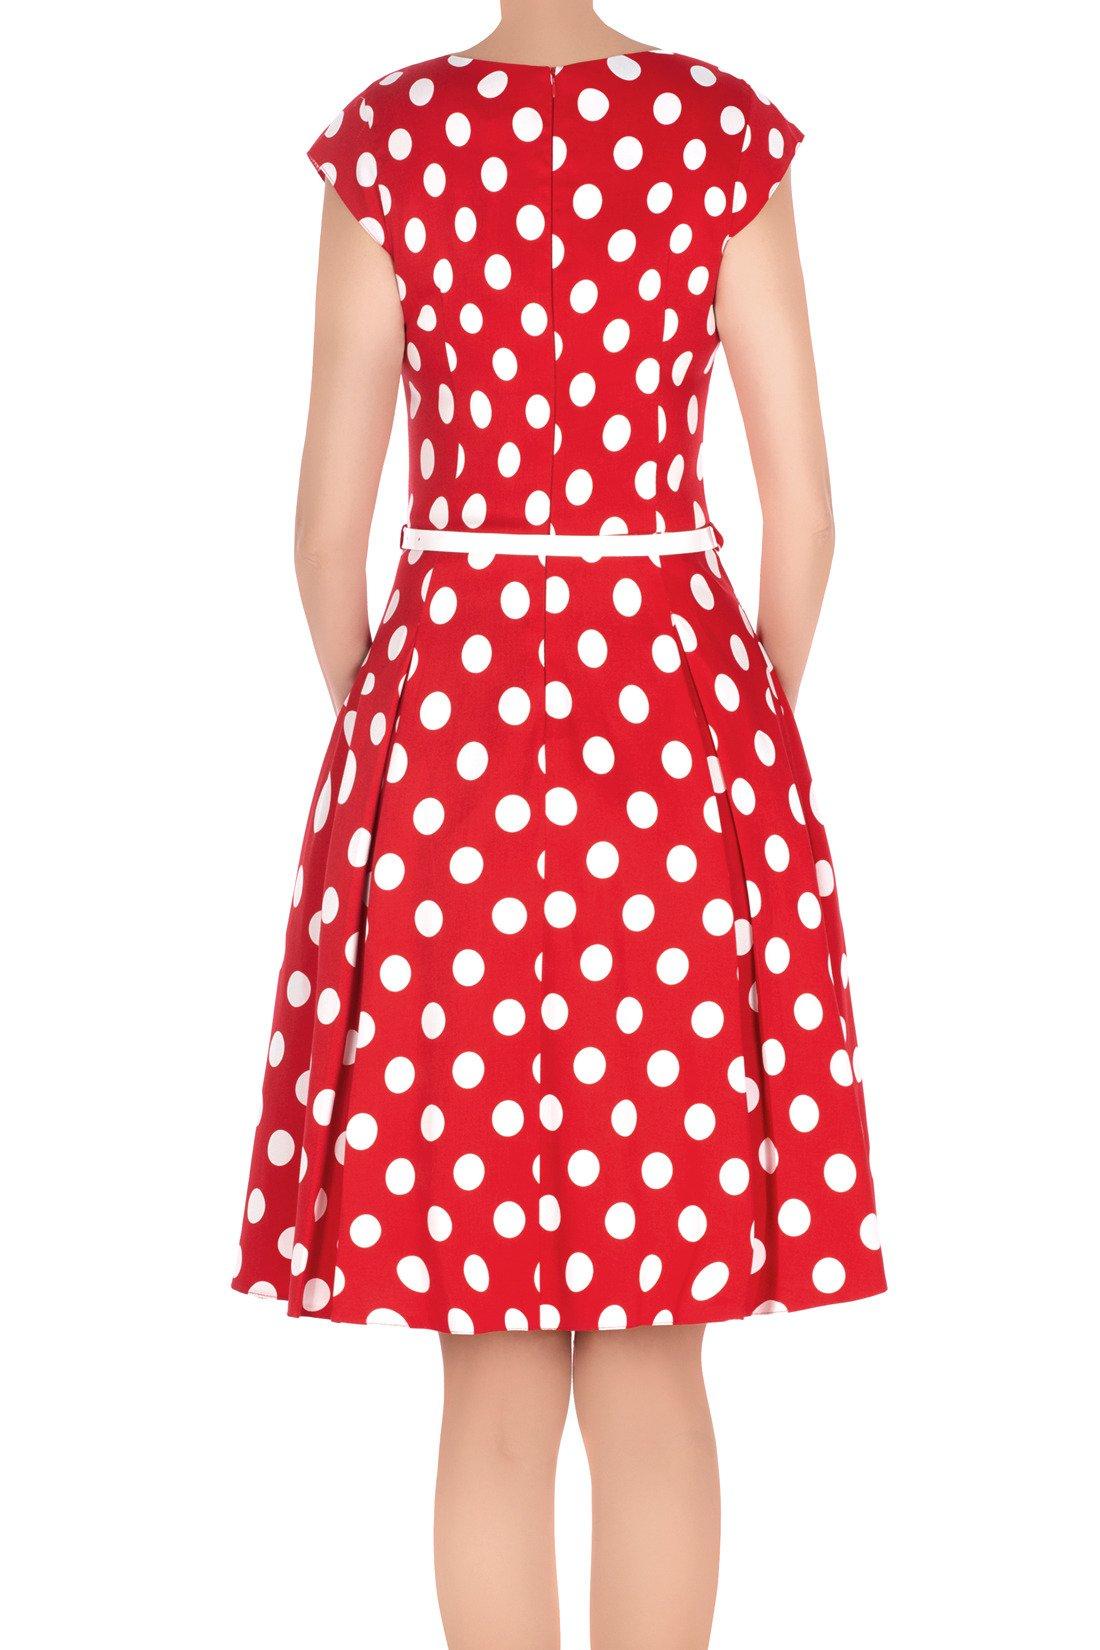 5da5785d Rozkloszowana sukienka Gotta retro czerwona w grochy 3129